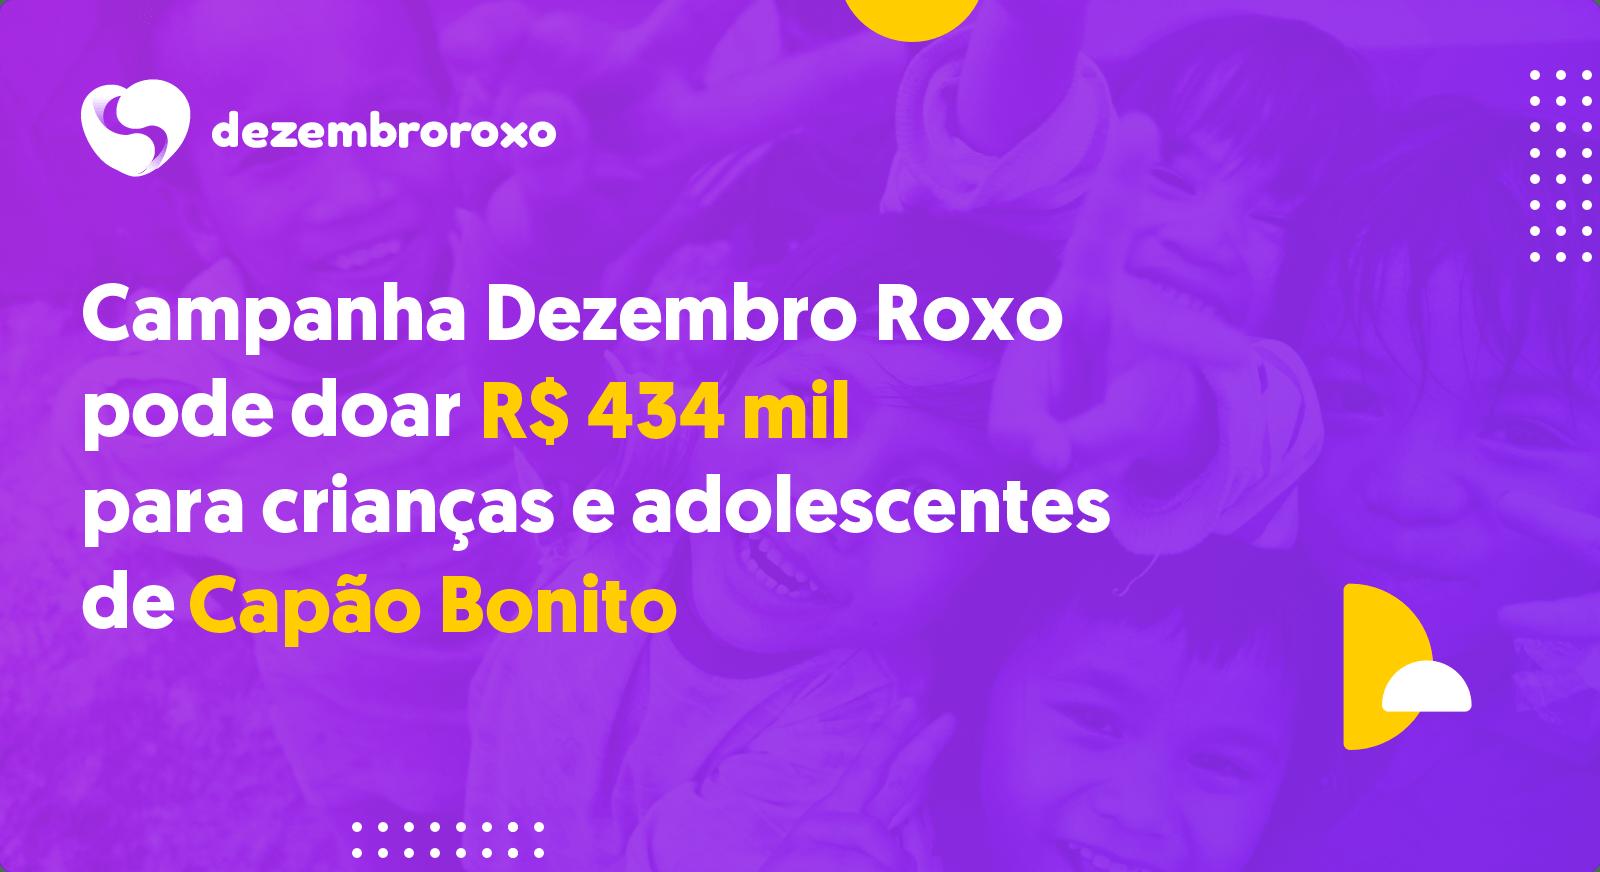 Doações em Capão Bonito - SP